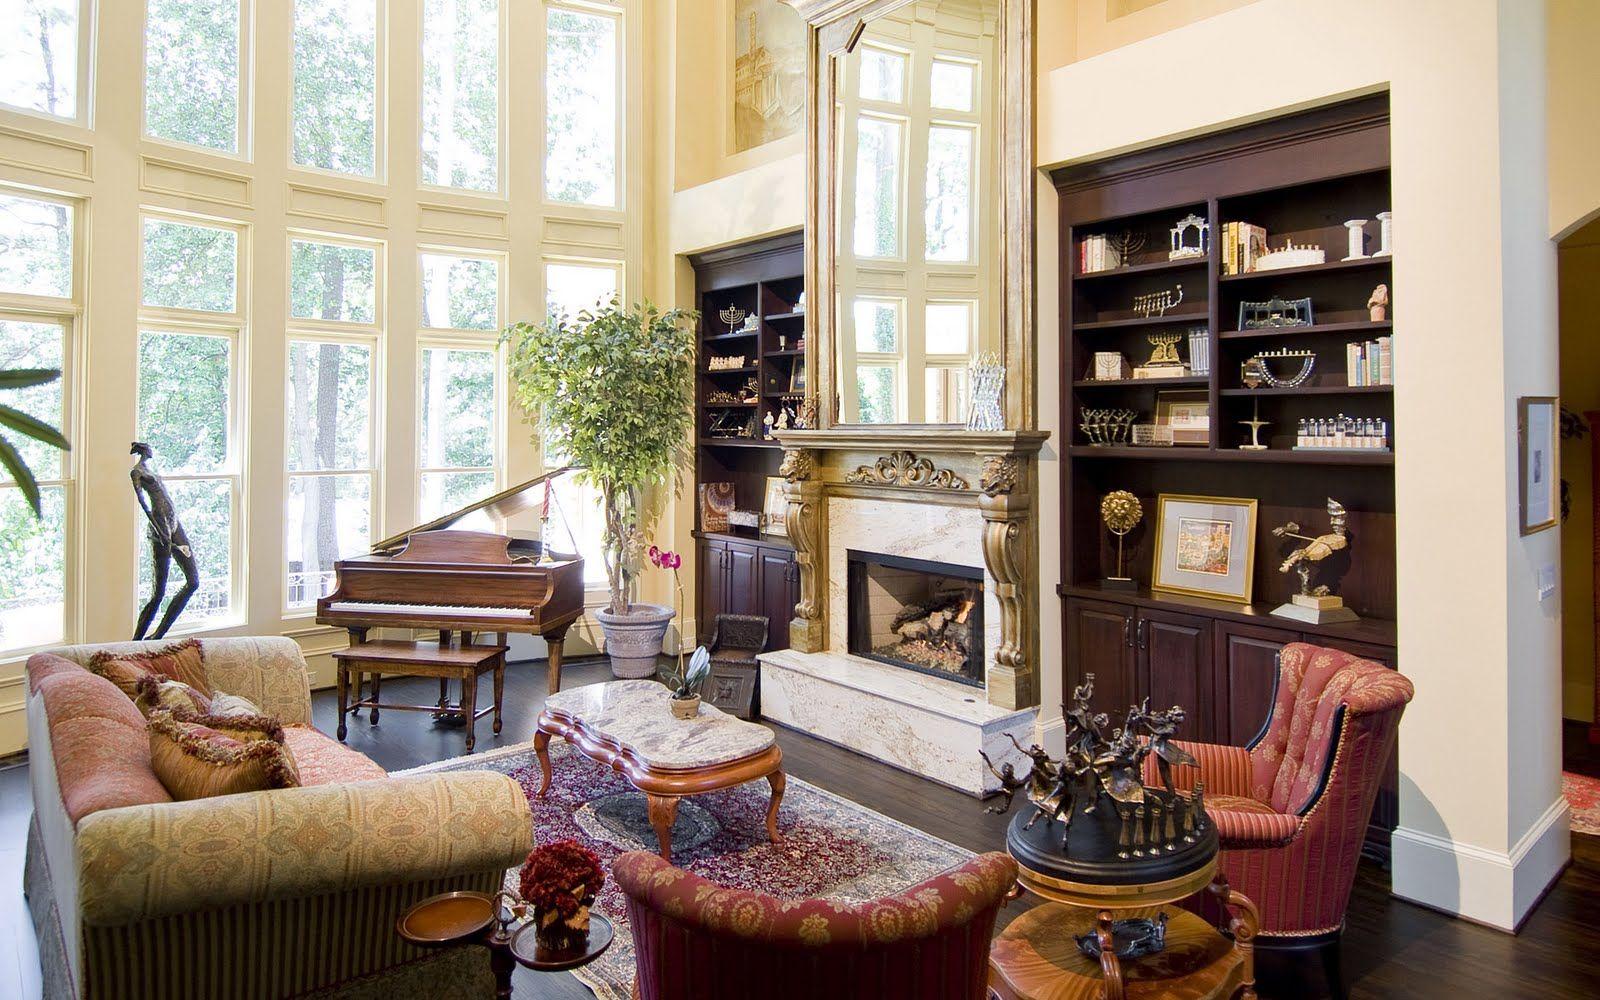 Diy home decor ideas living room - Diy Interior Design Ideas Living Room 1000 Images About Living Room Decorating Family